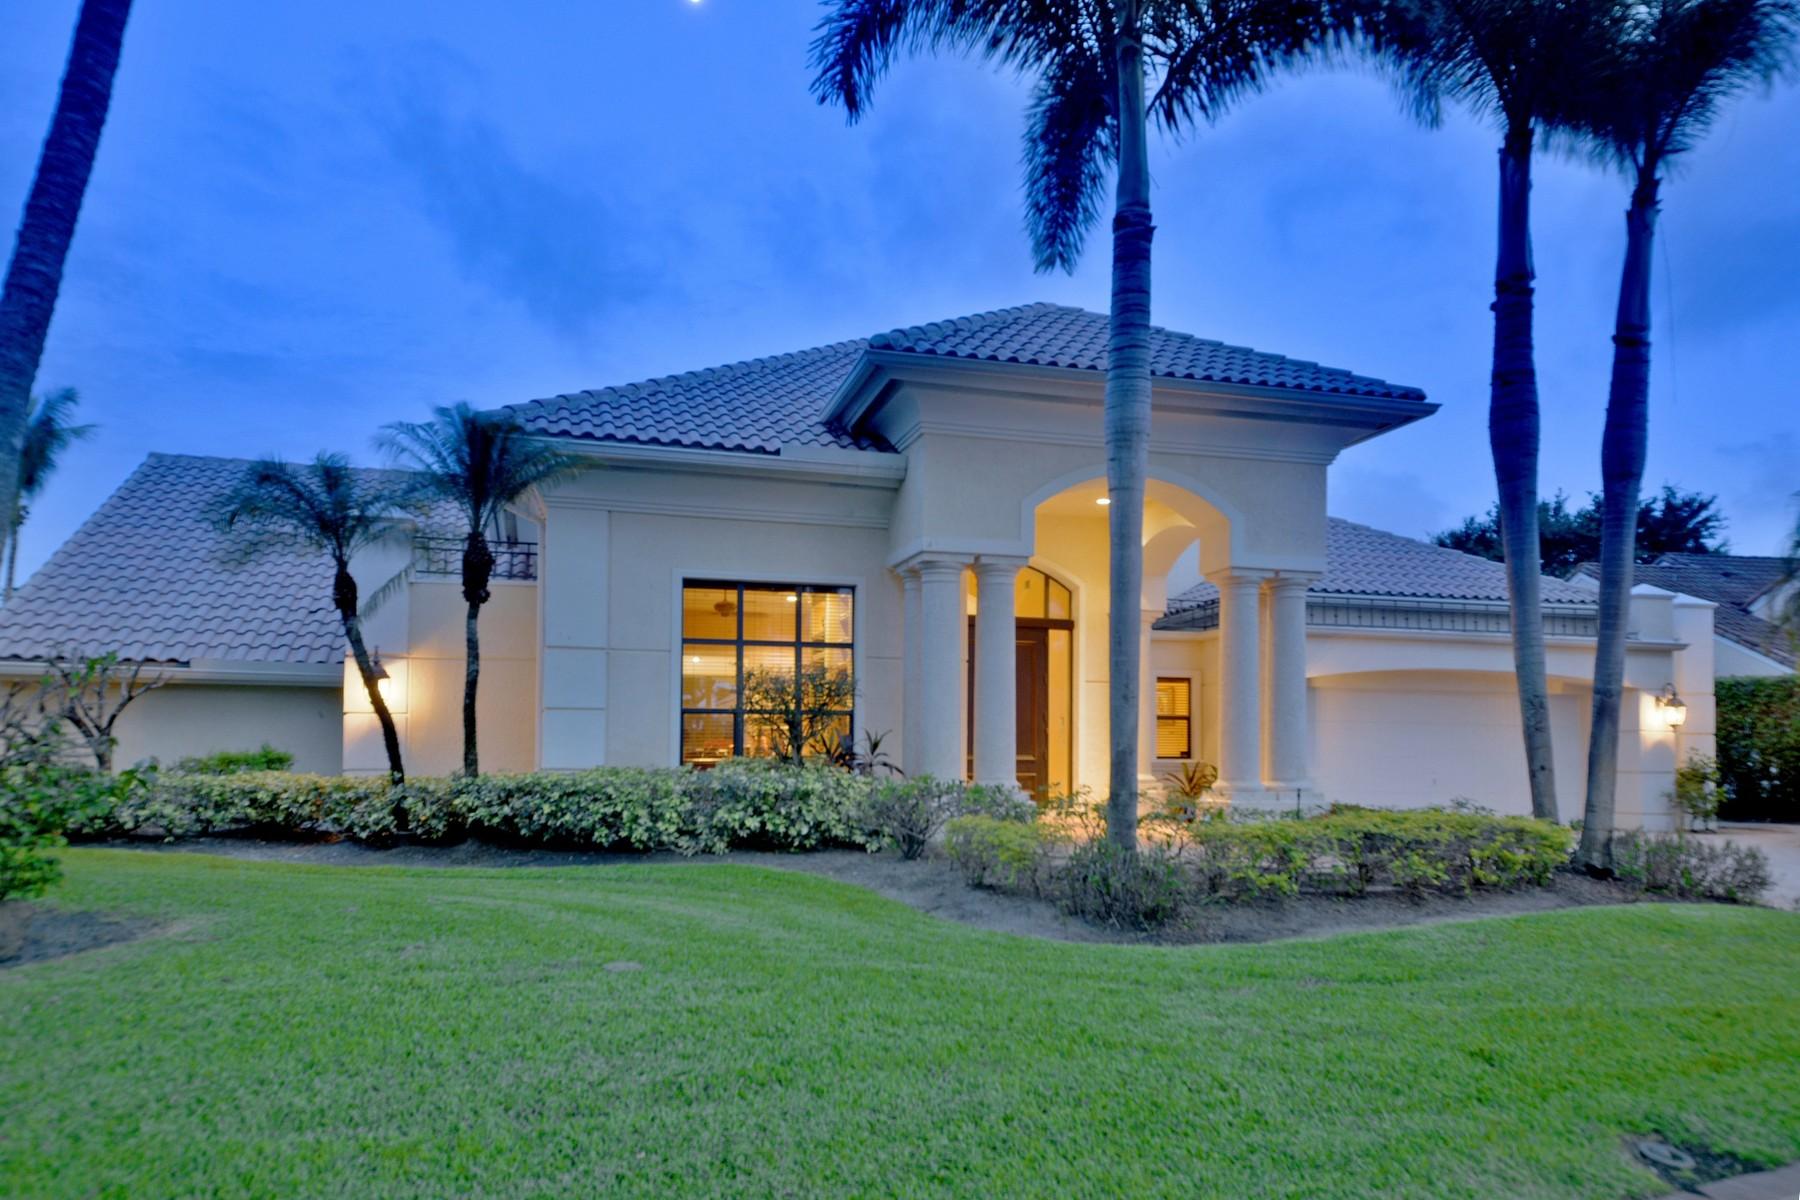 獨棟家庭住宅 為 出售 在 7726 Charney Ln , Boca Raton, FL 33496 7726 Charney Ln Boca Raton, 佛羅里達州 33496 美國